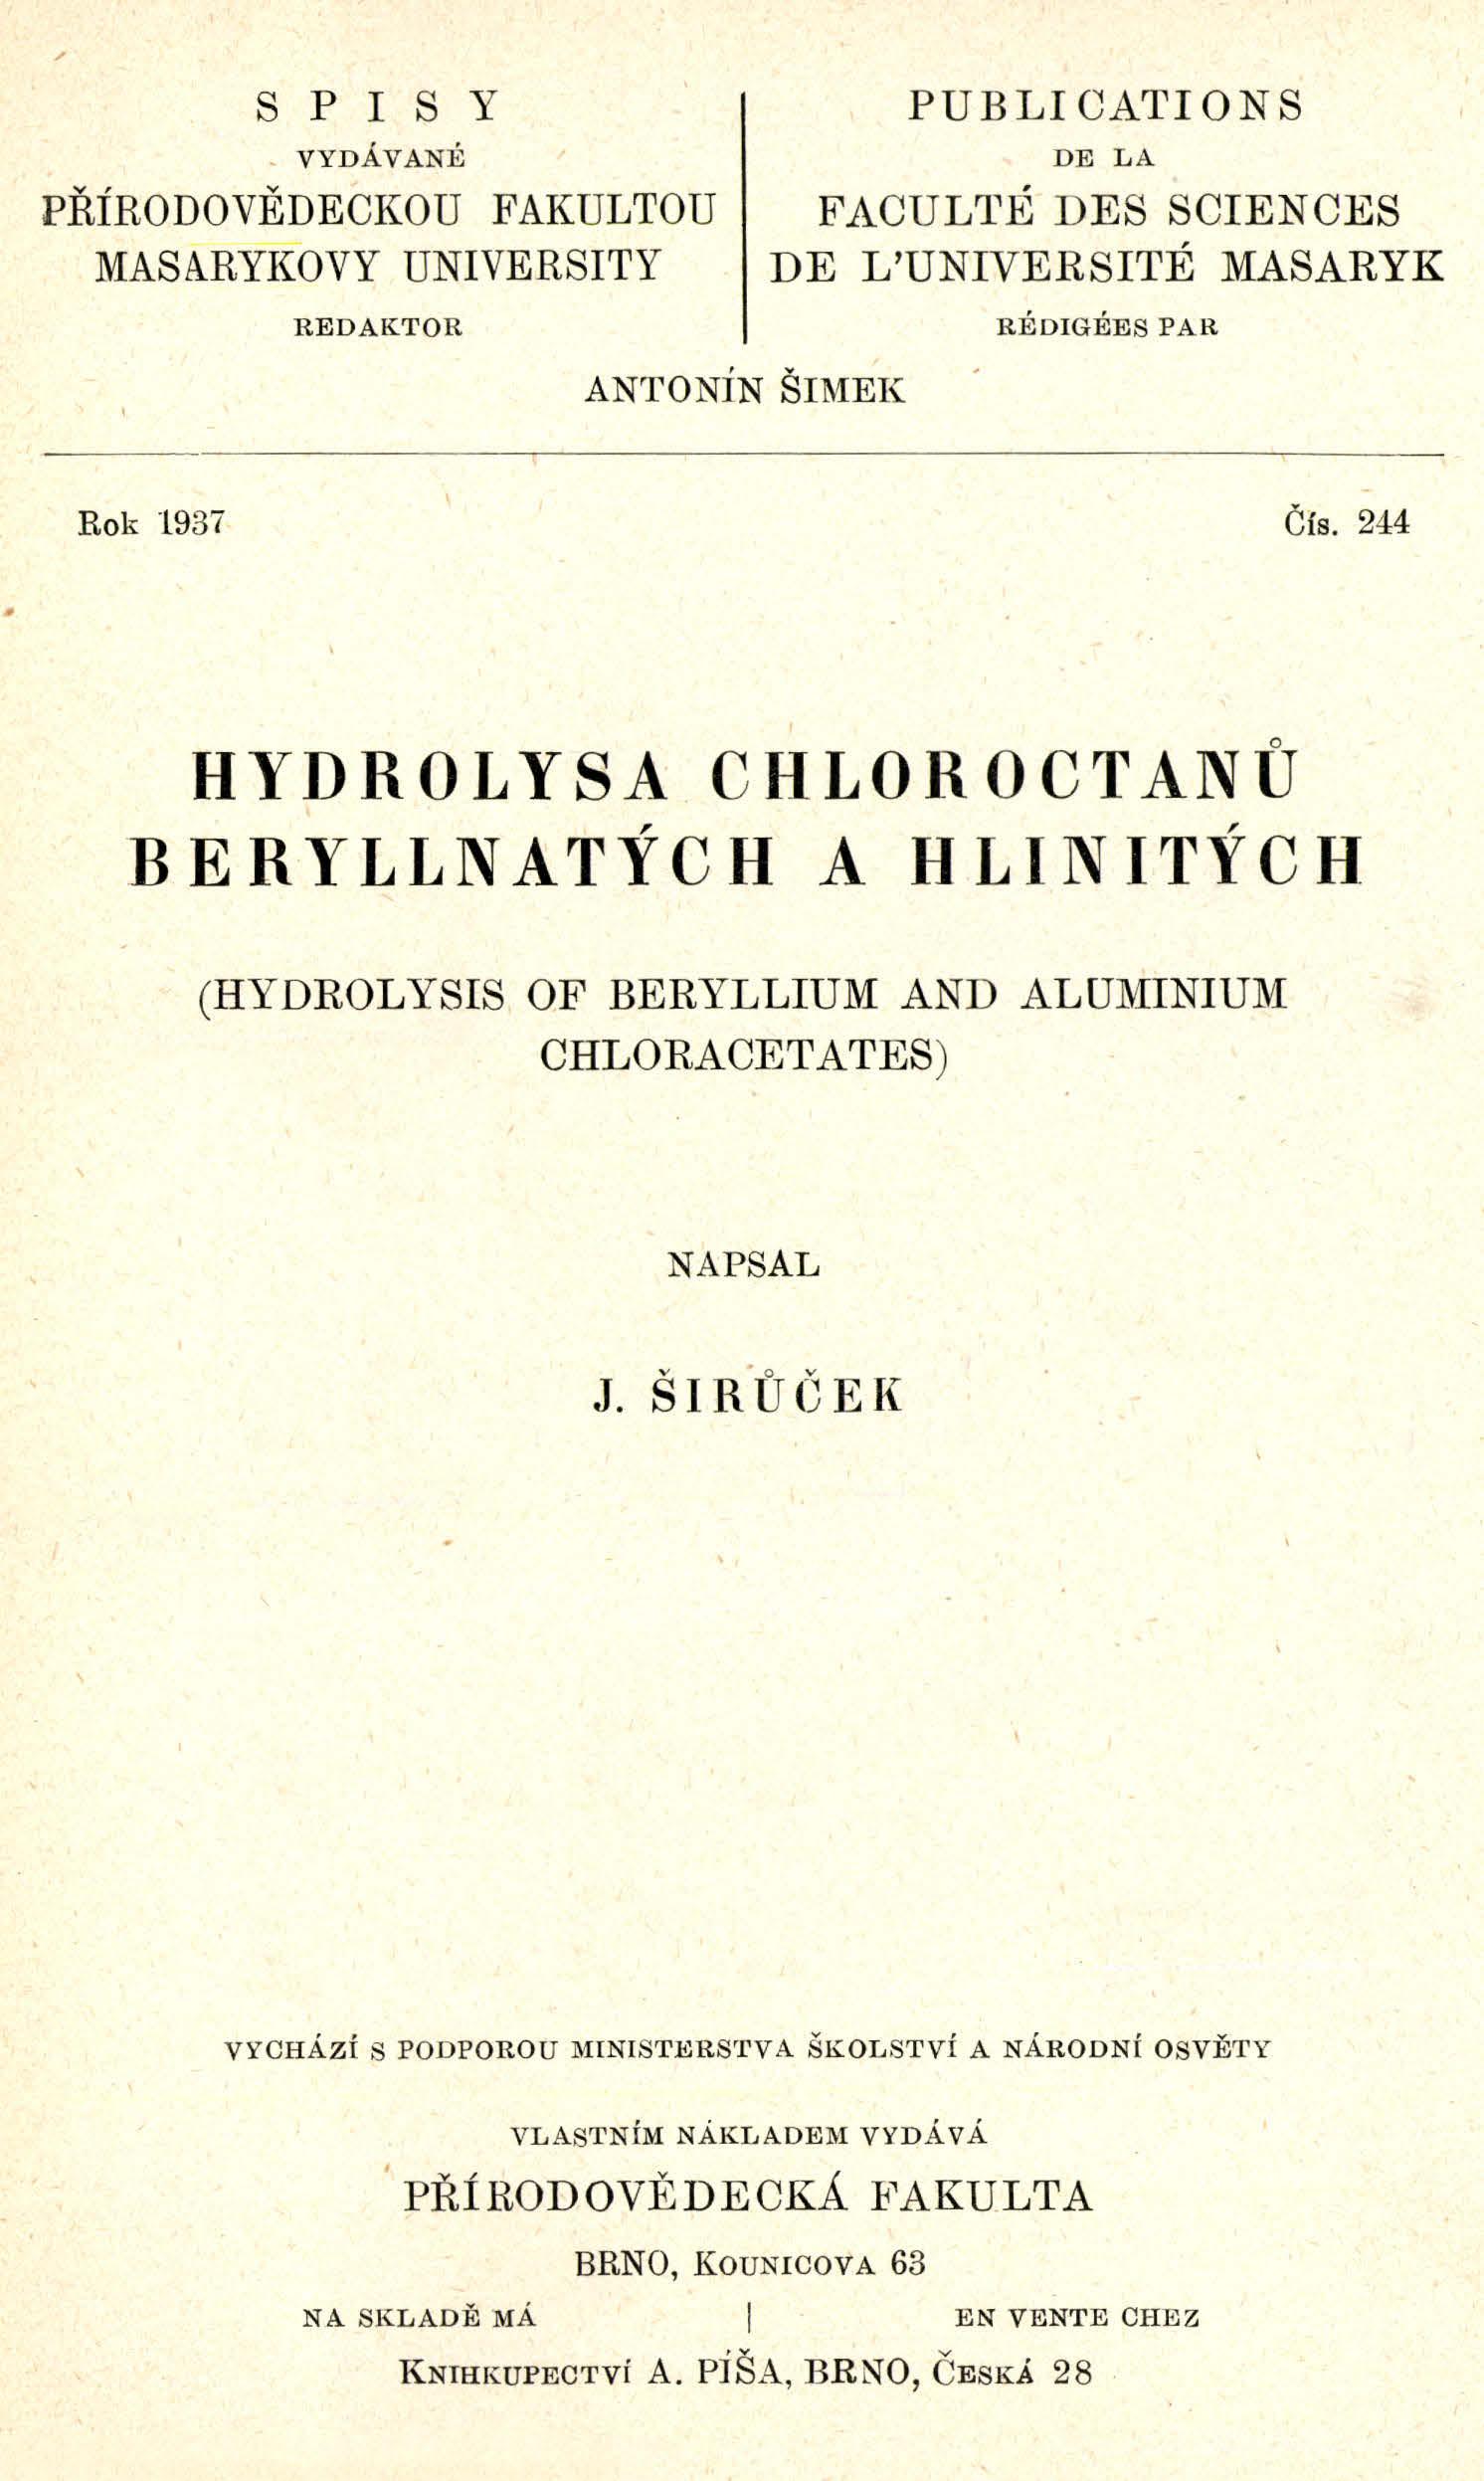 Obálka pro Hydrolysa chloroctanů beryllnatých a hlinitých